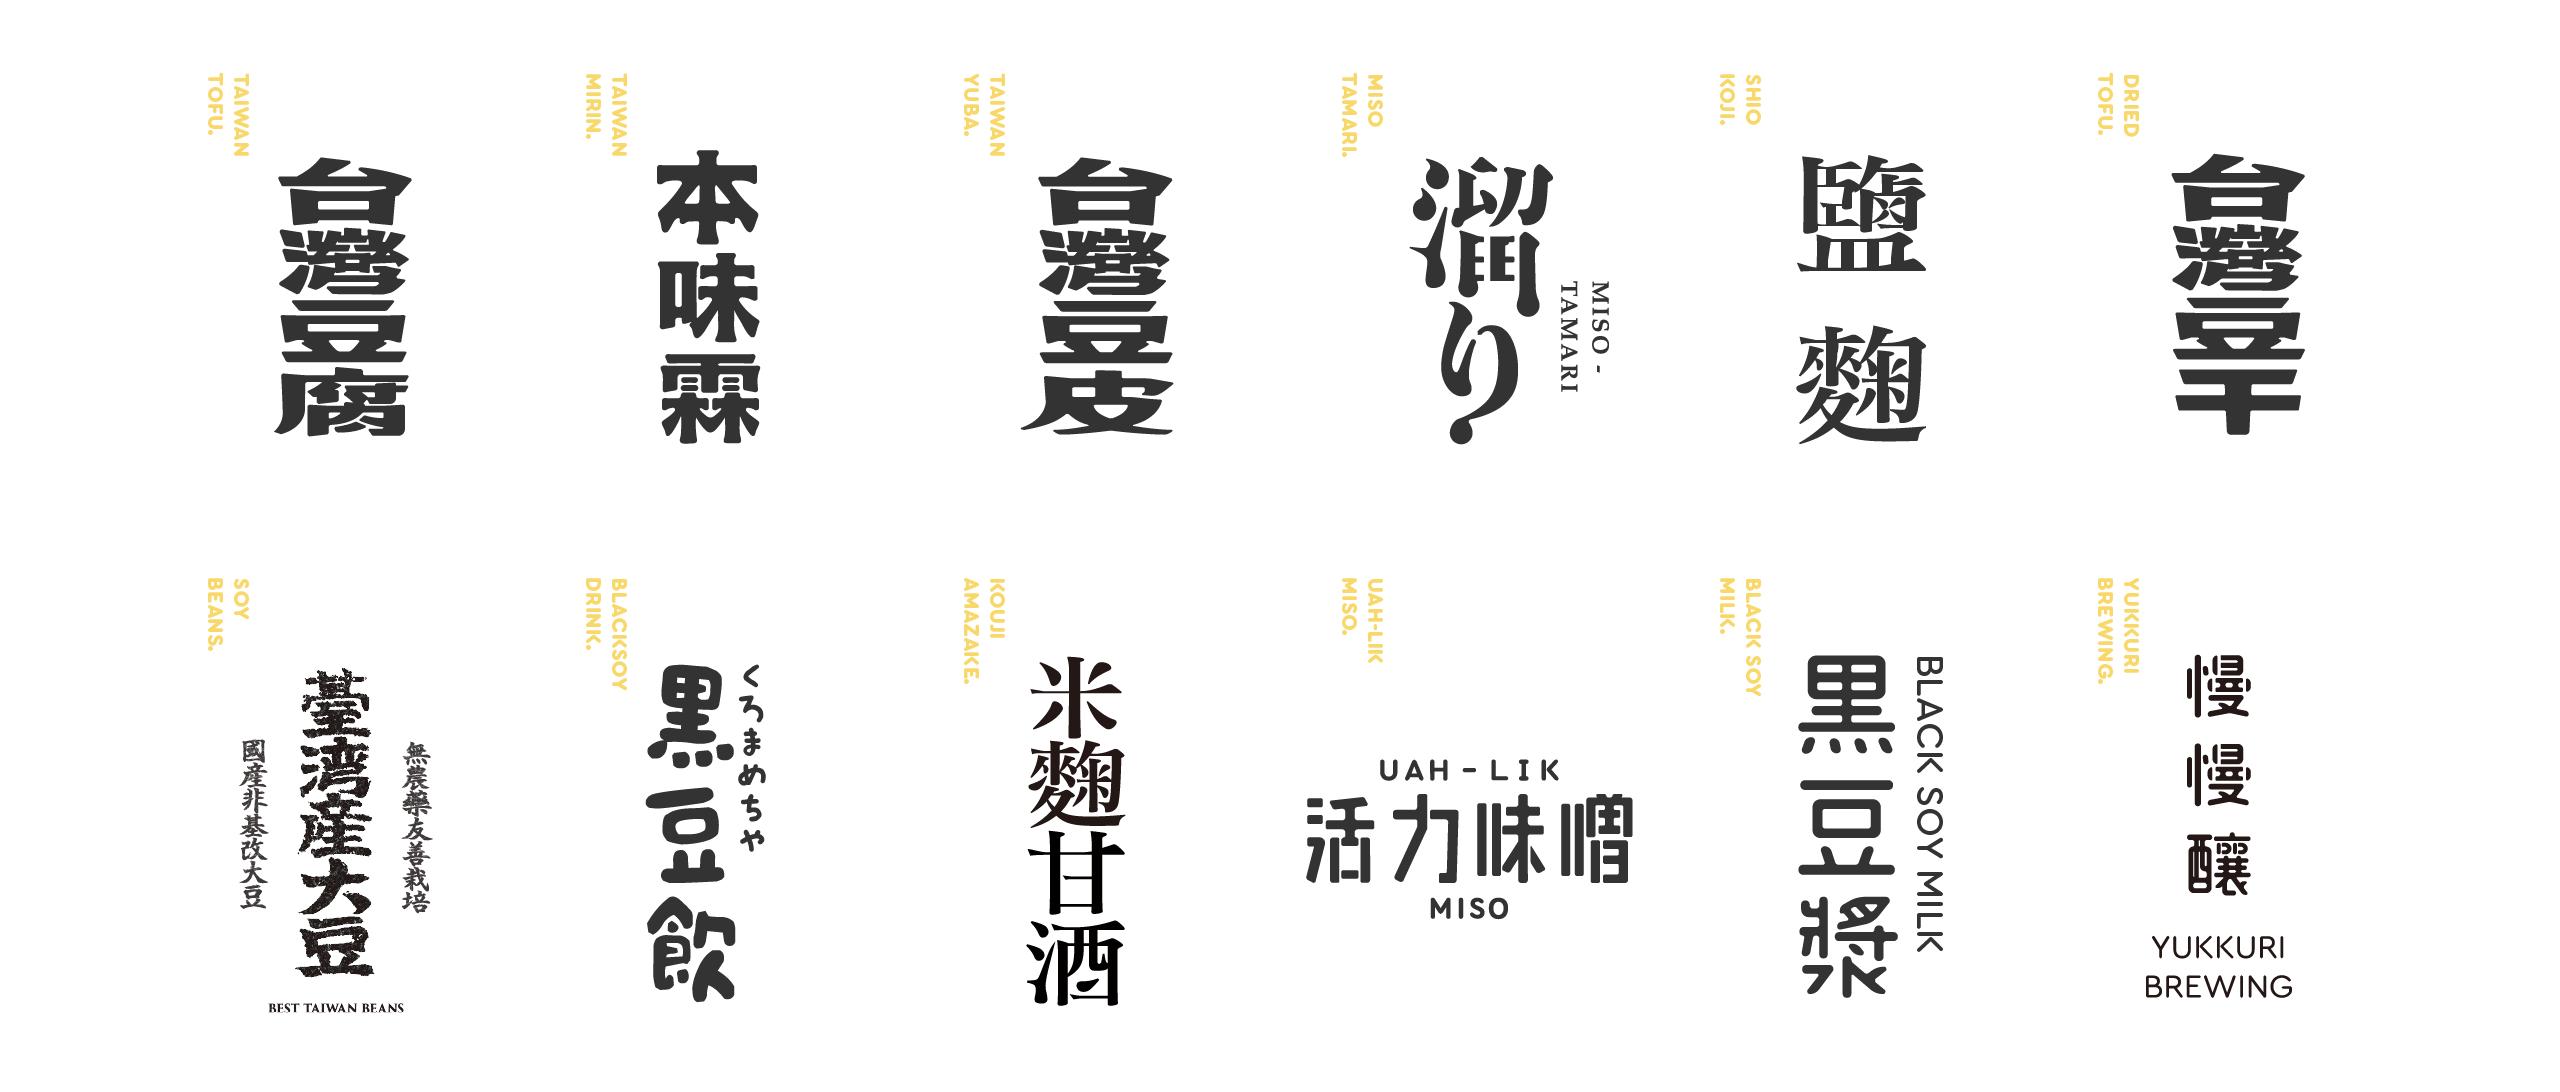 禾乃川國產豆製所 代表了台灣品牌的禾乃川,其產品包裝更大量的使用了繁體中文字的字體設計,  透過字體本身的變化去傳達每一個產品的特性。 | 甘樂文創 | 甘之如飴,樂在其中